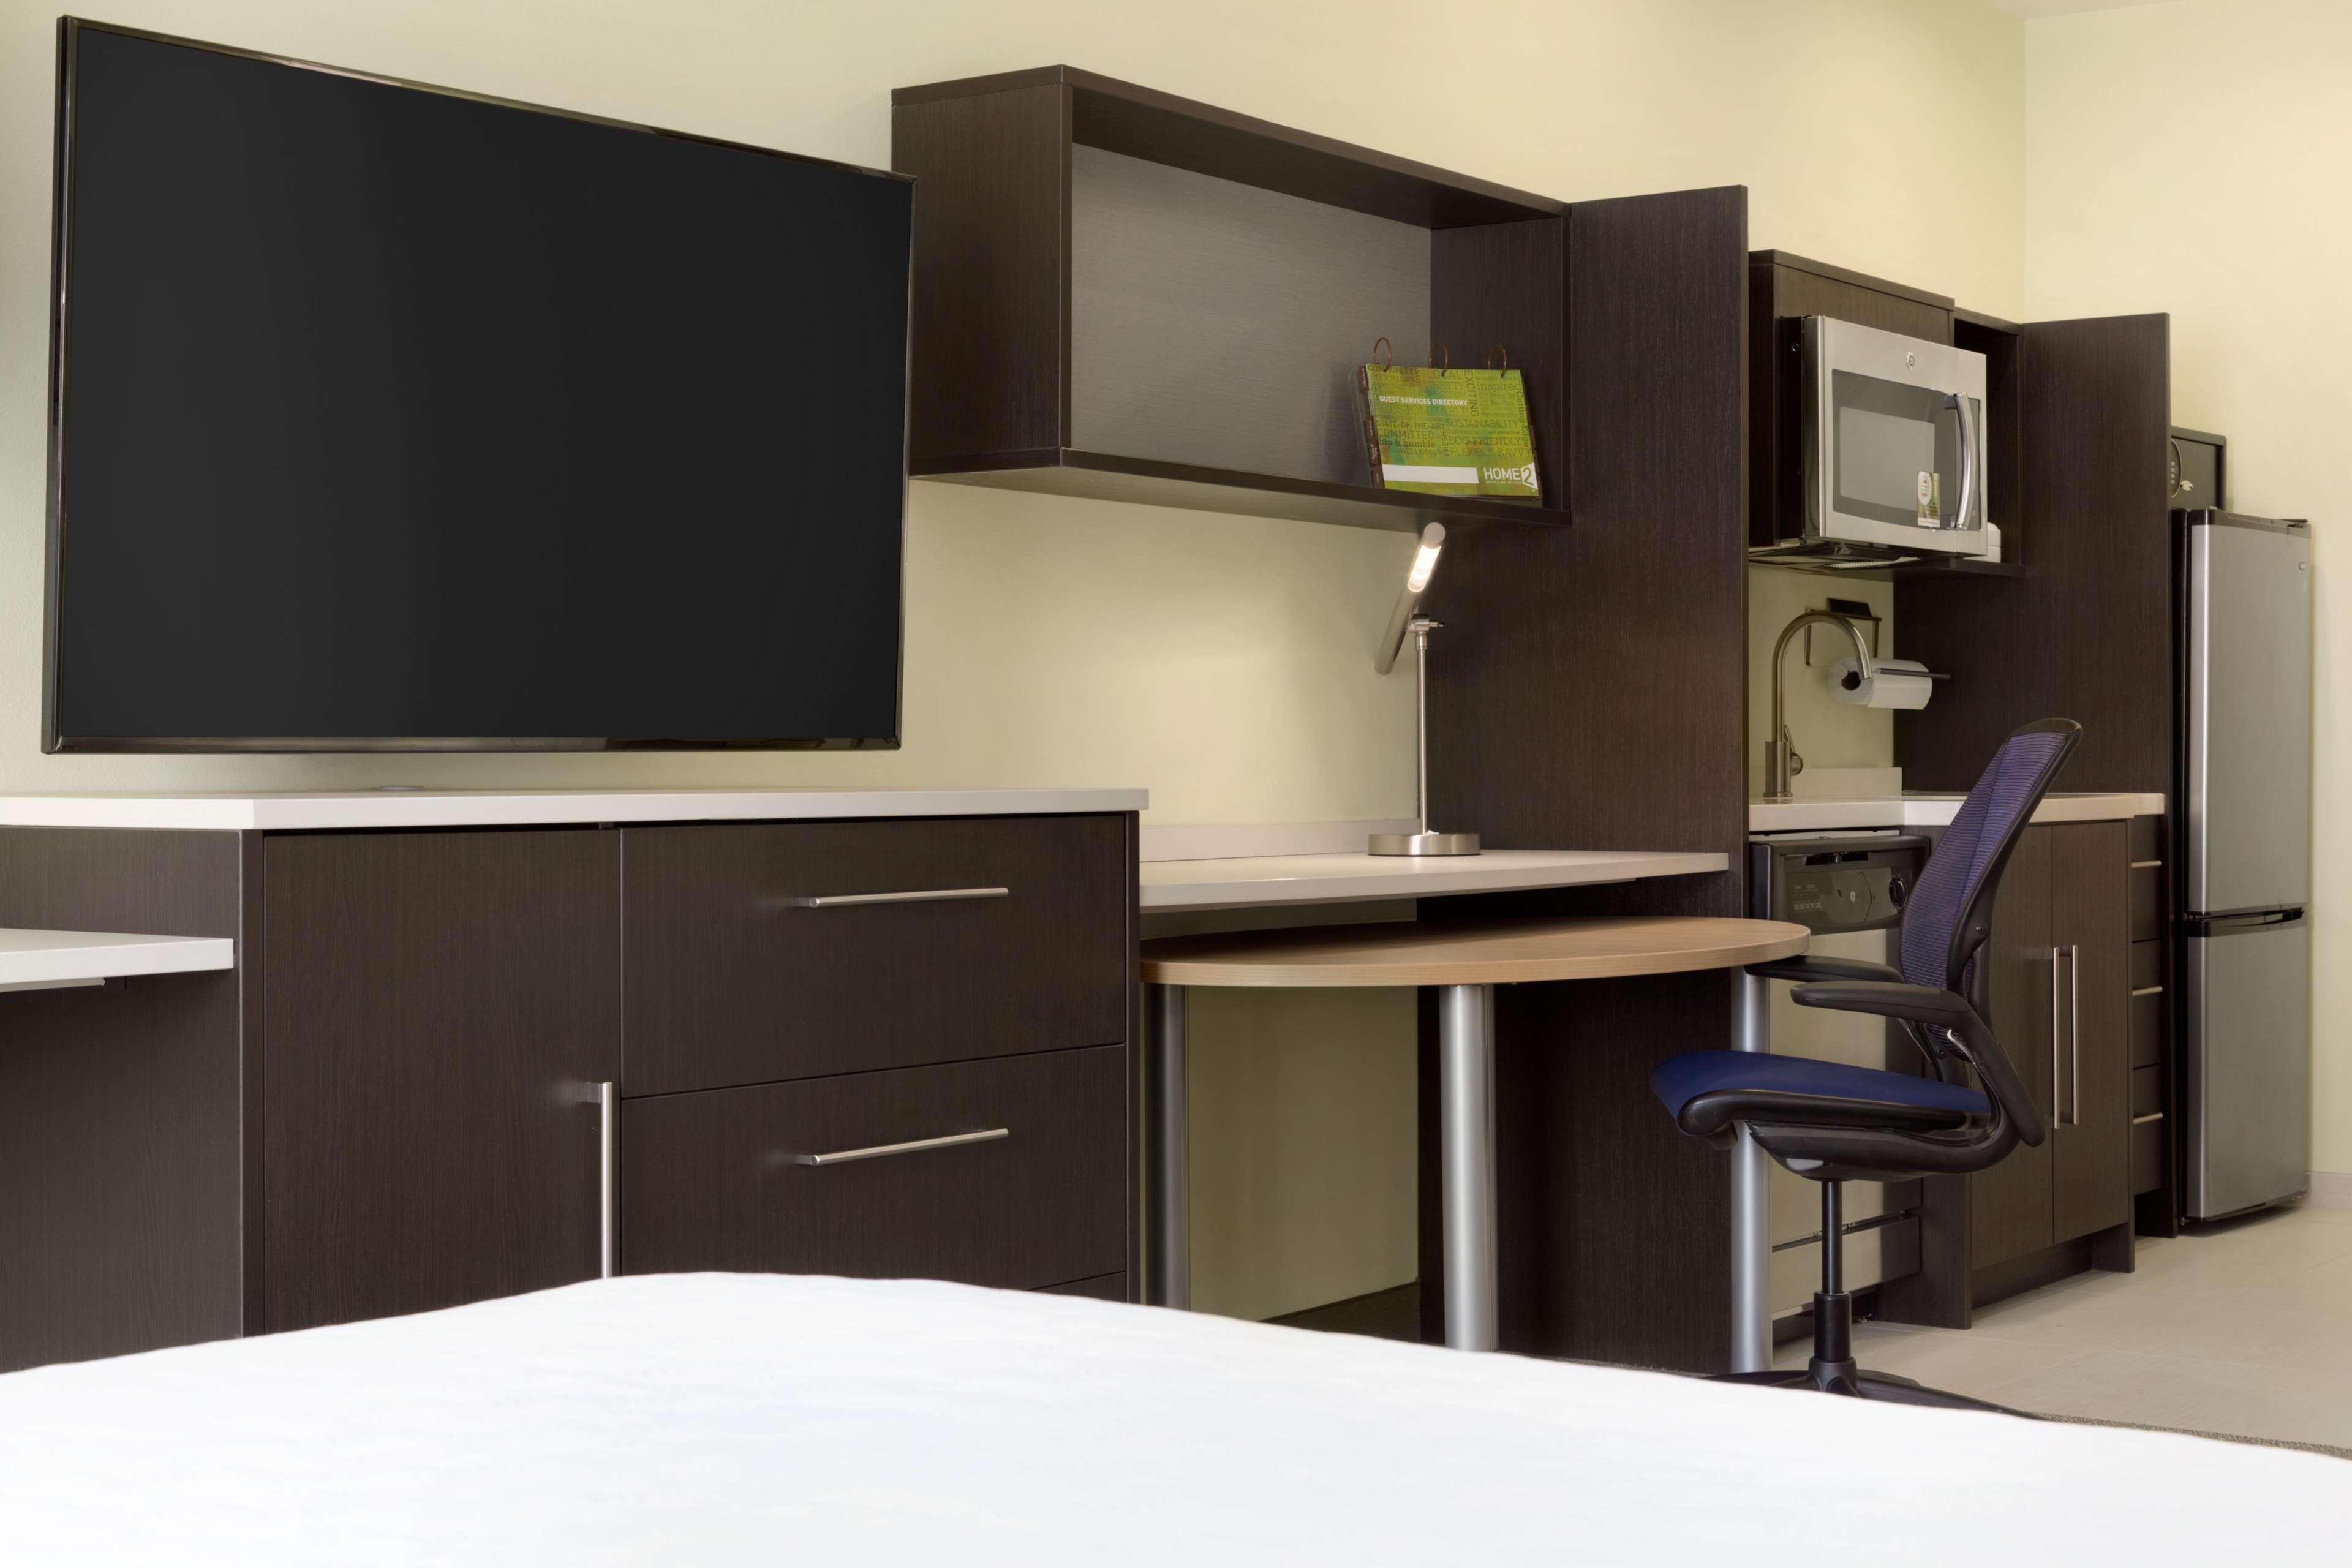 Home2 Suites by Hilton McAllen image 15